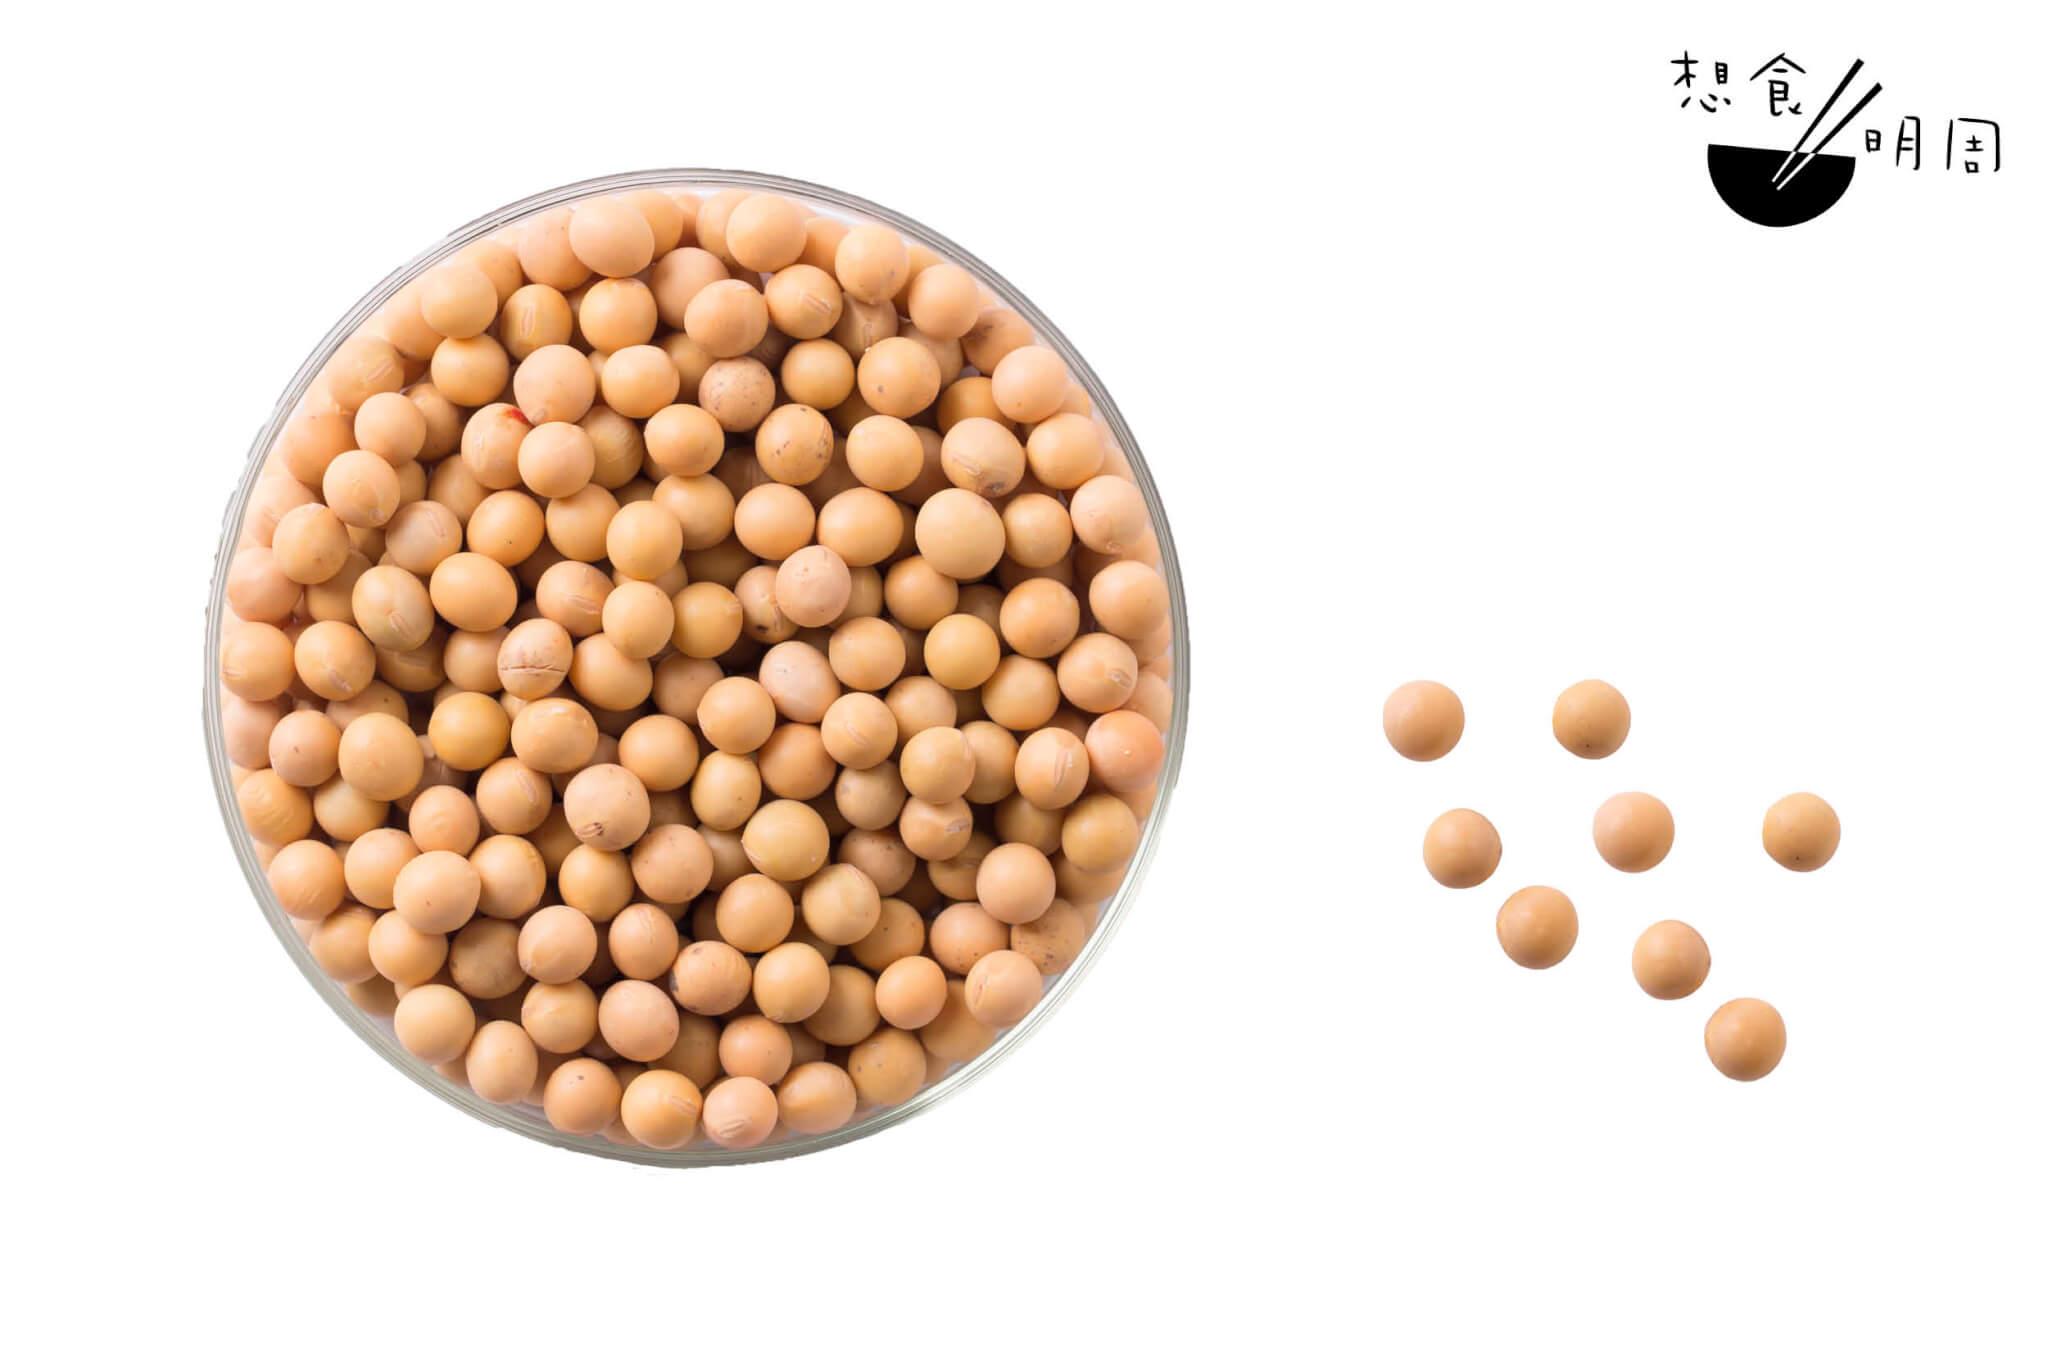 傳統素肉多以黃豆中的大豆蛋白作為主要材料。